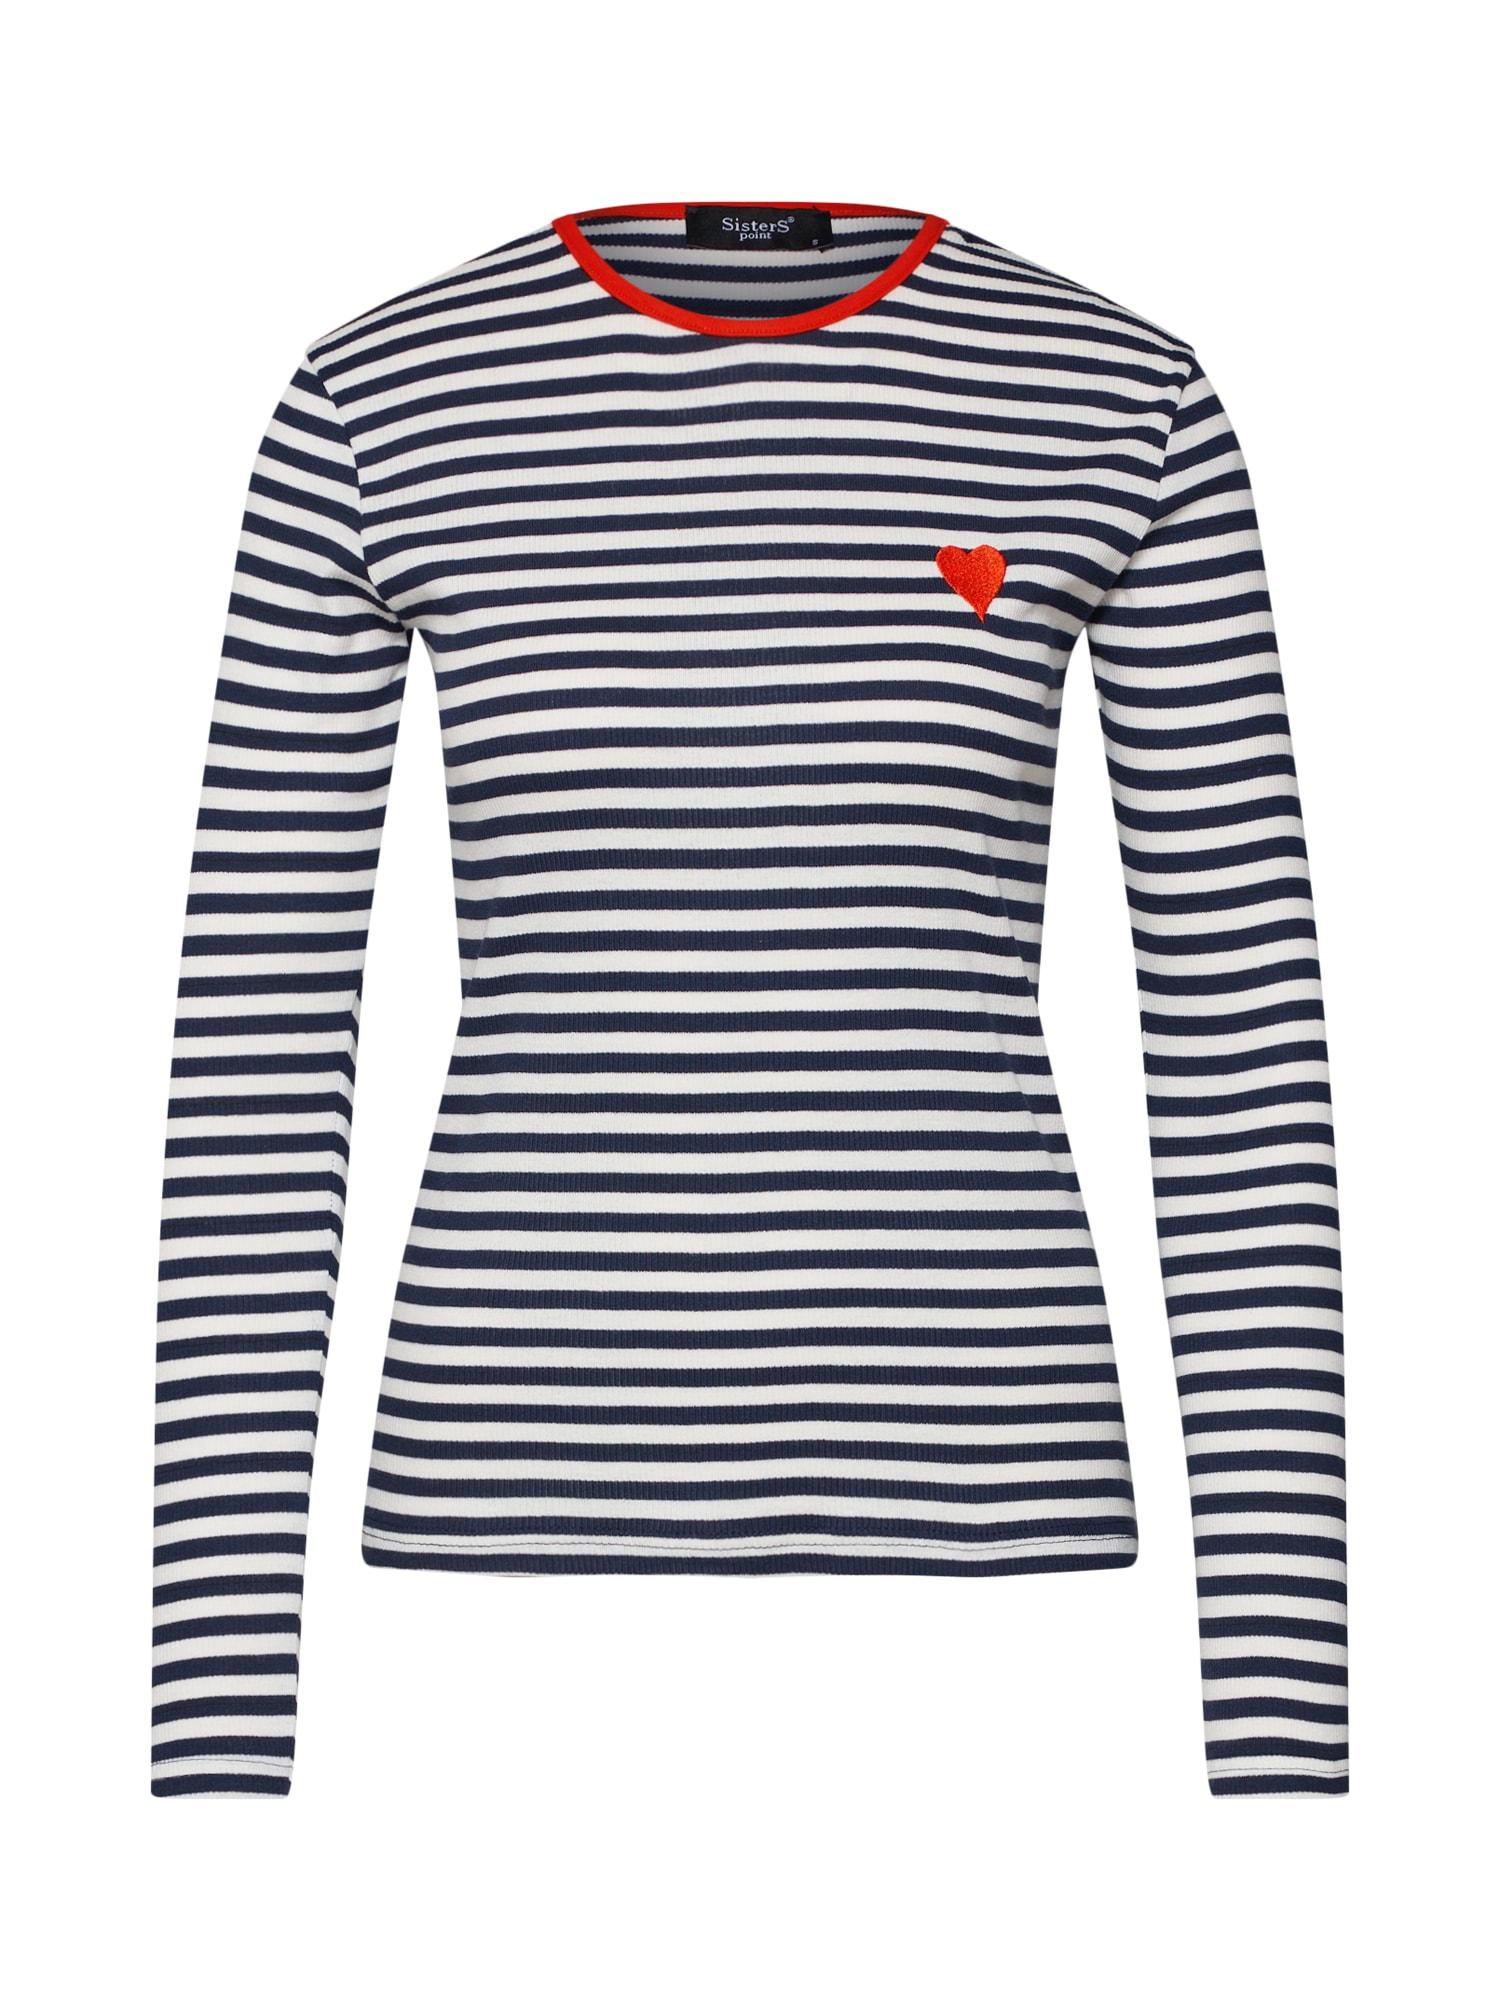 Tričko HUST-LS2 námořnická modř světle červená bílá SISTERS POINT